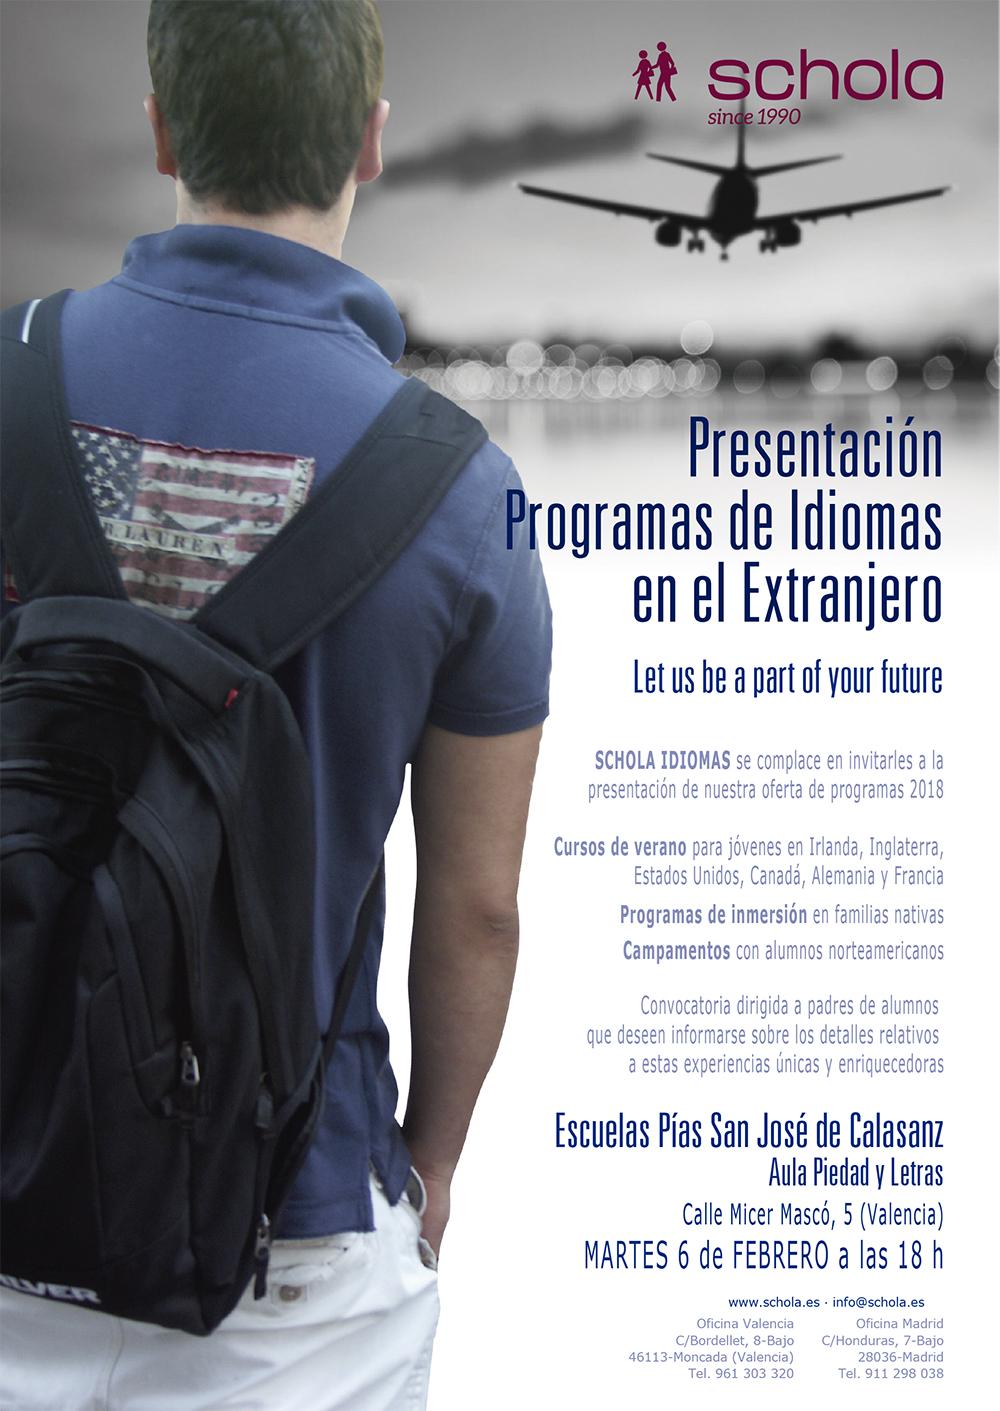 Programas de idiomas - Schola